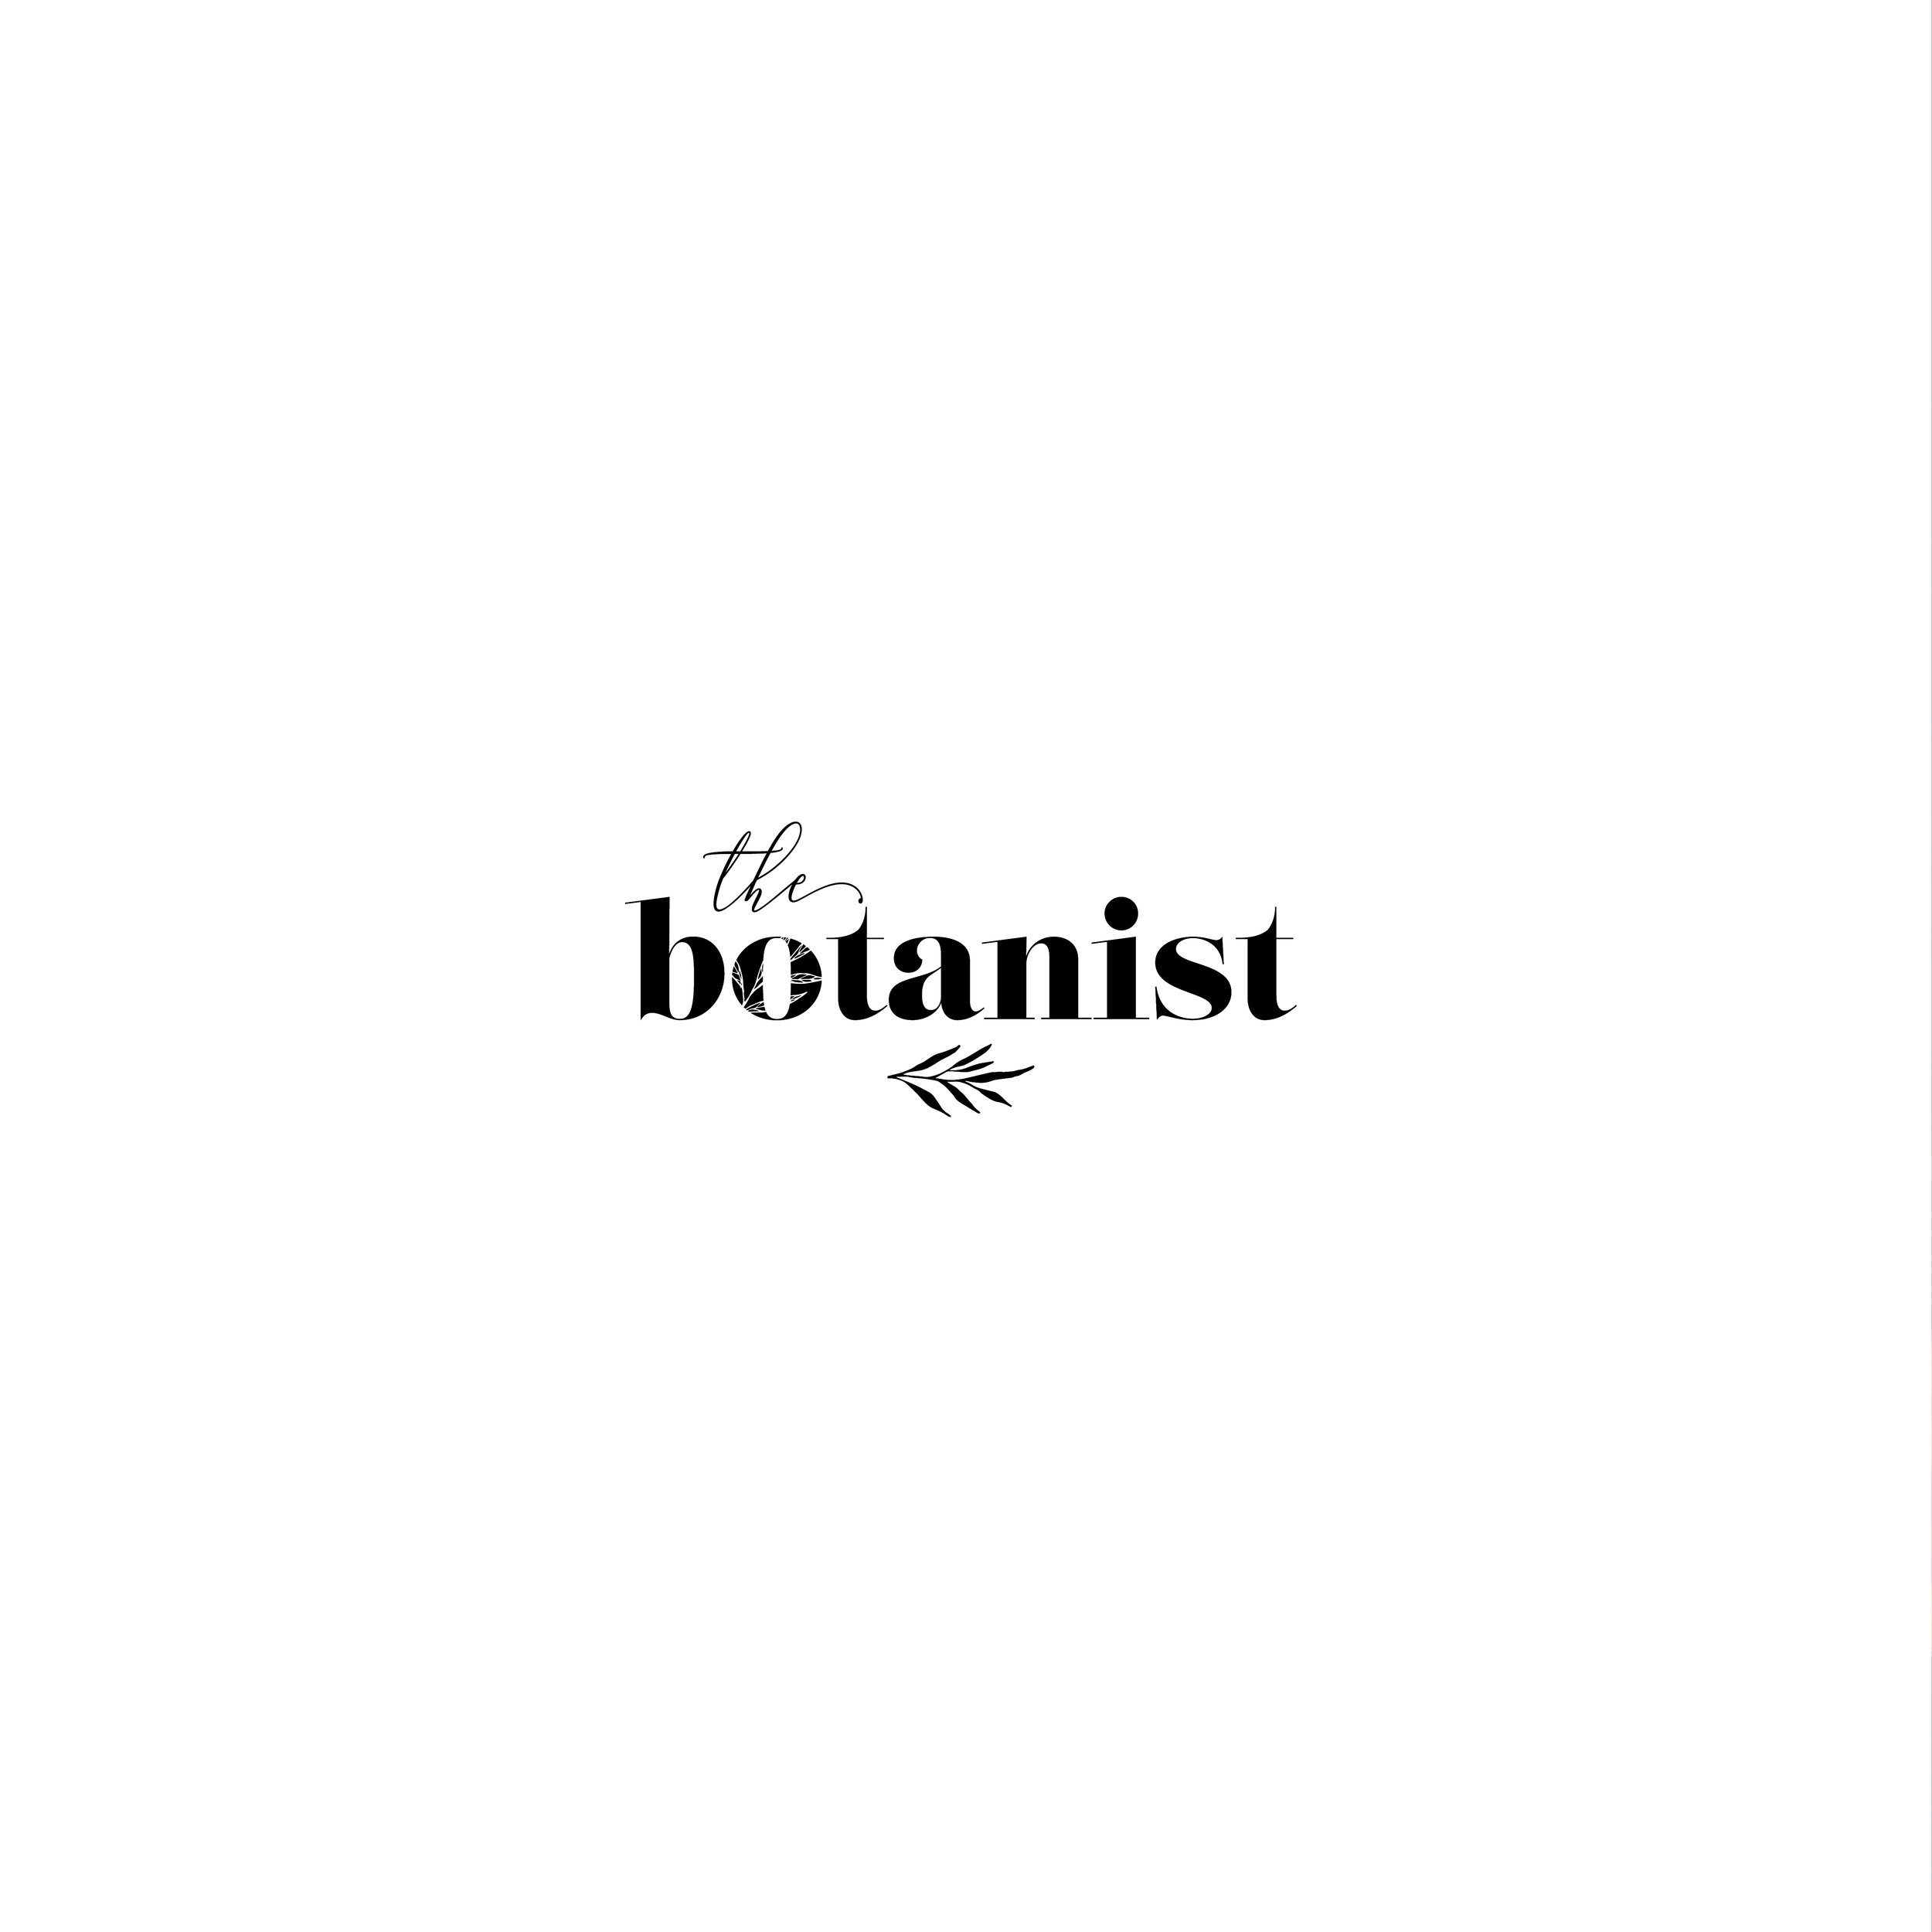 Botanist-01.jpg